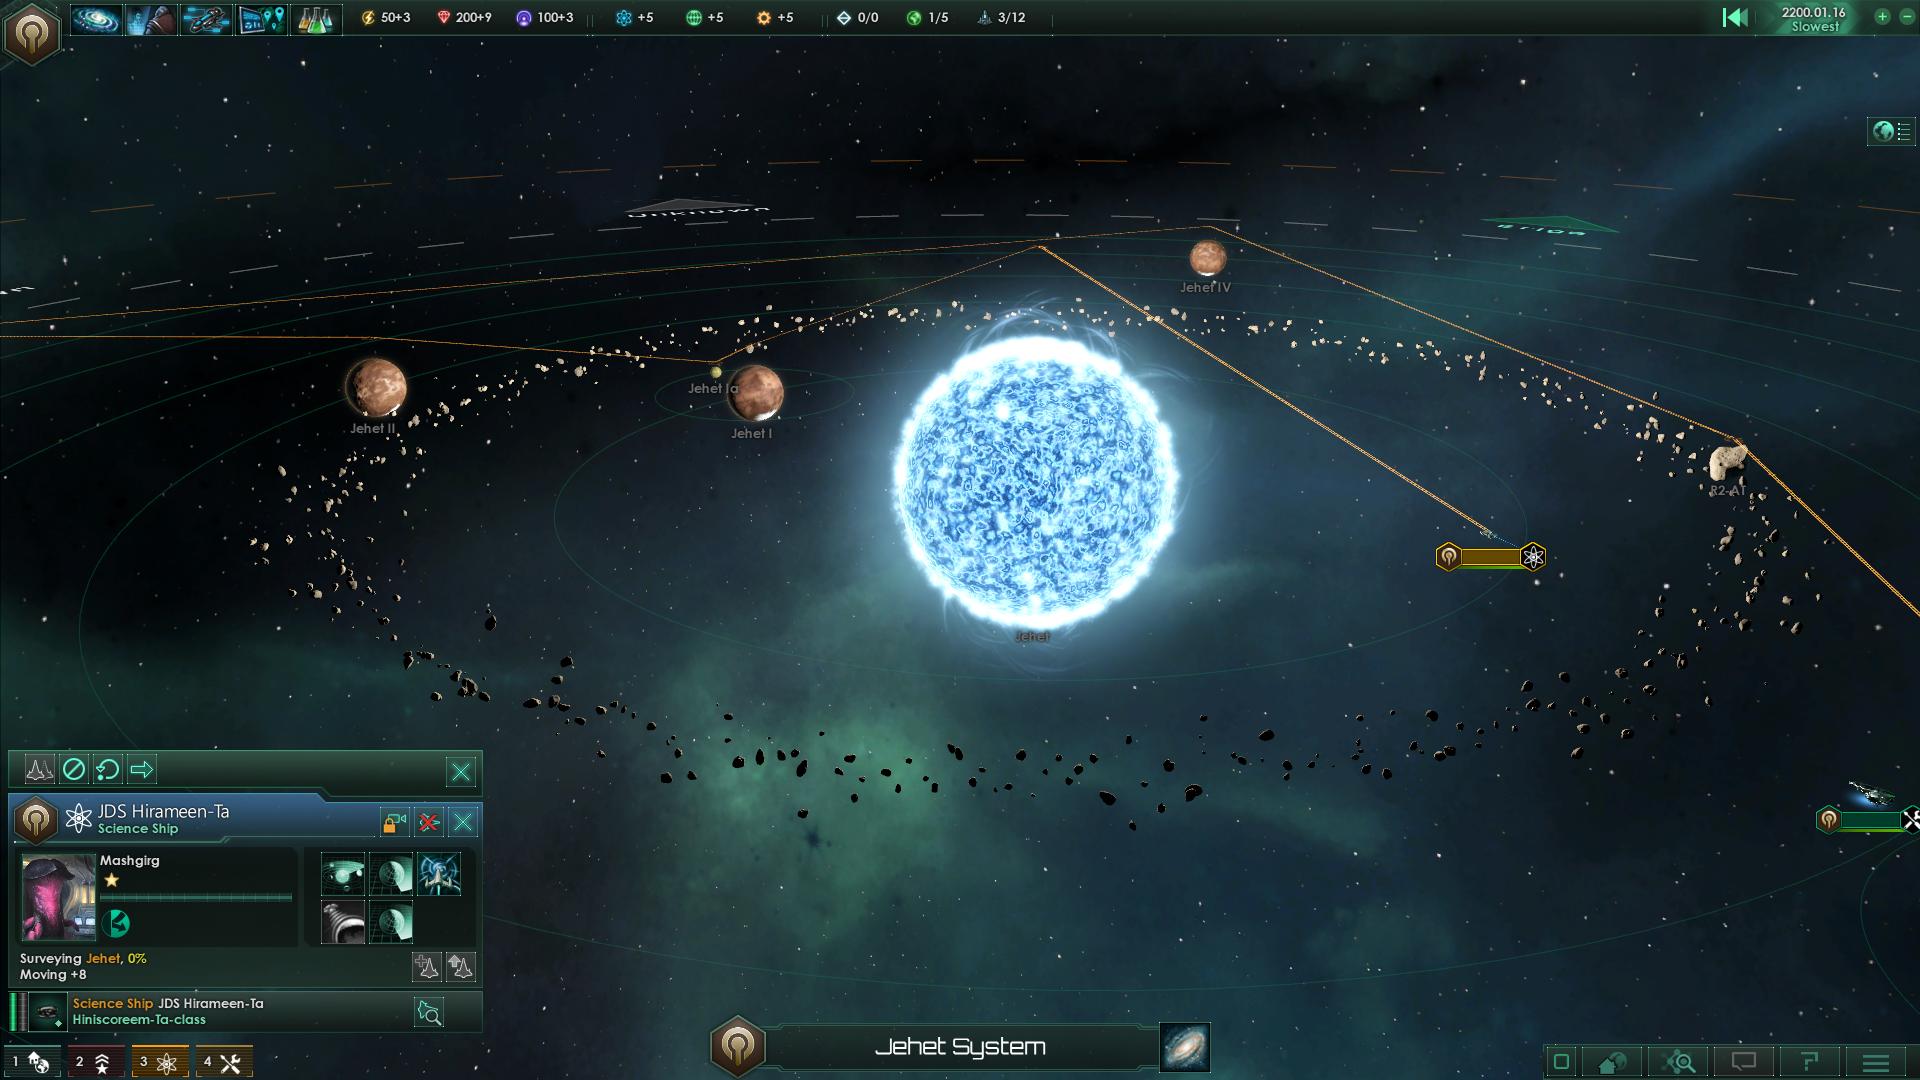 Stellaris Survey Screenshot 1